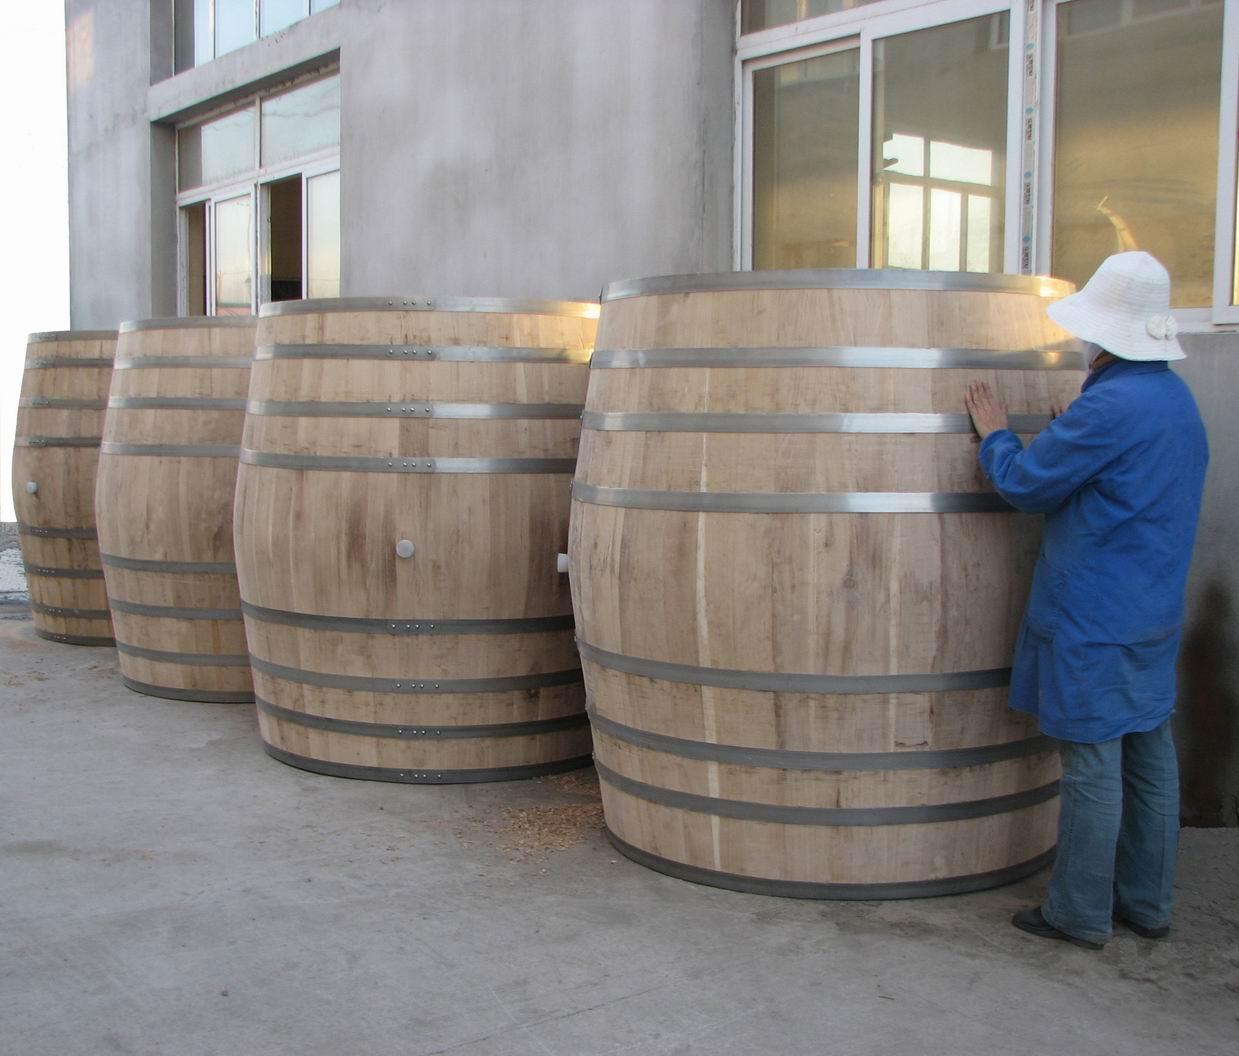 供应弗莱斯橡木桶 橡木酒桶